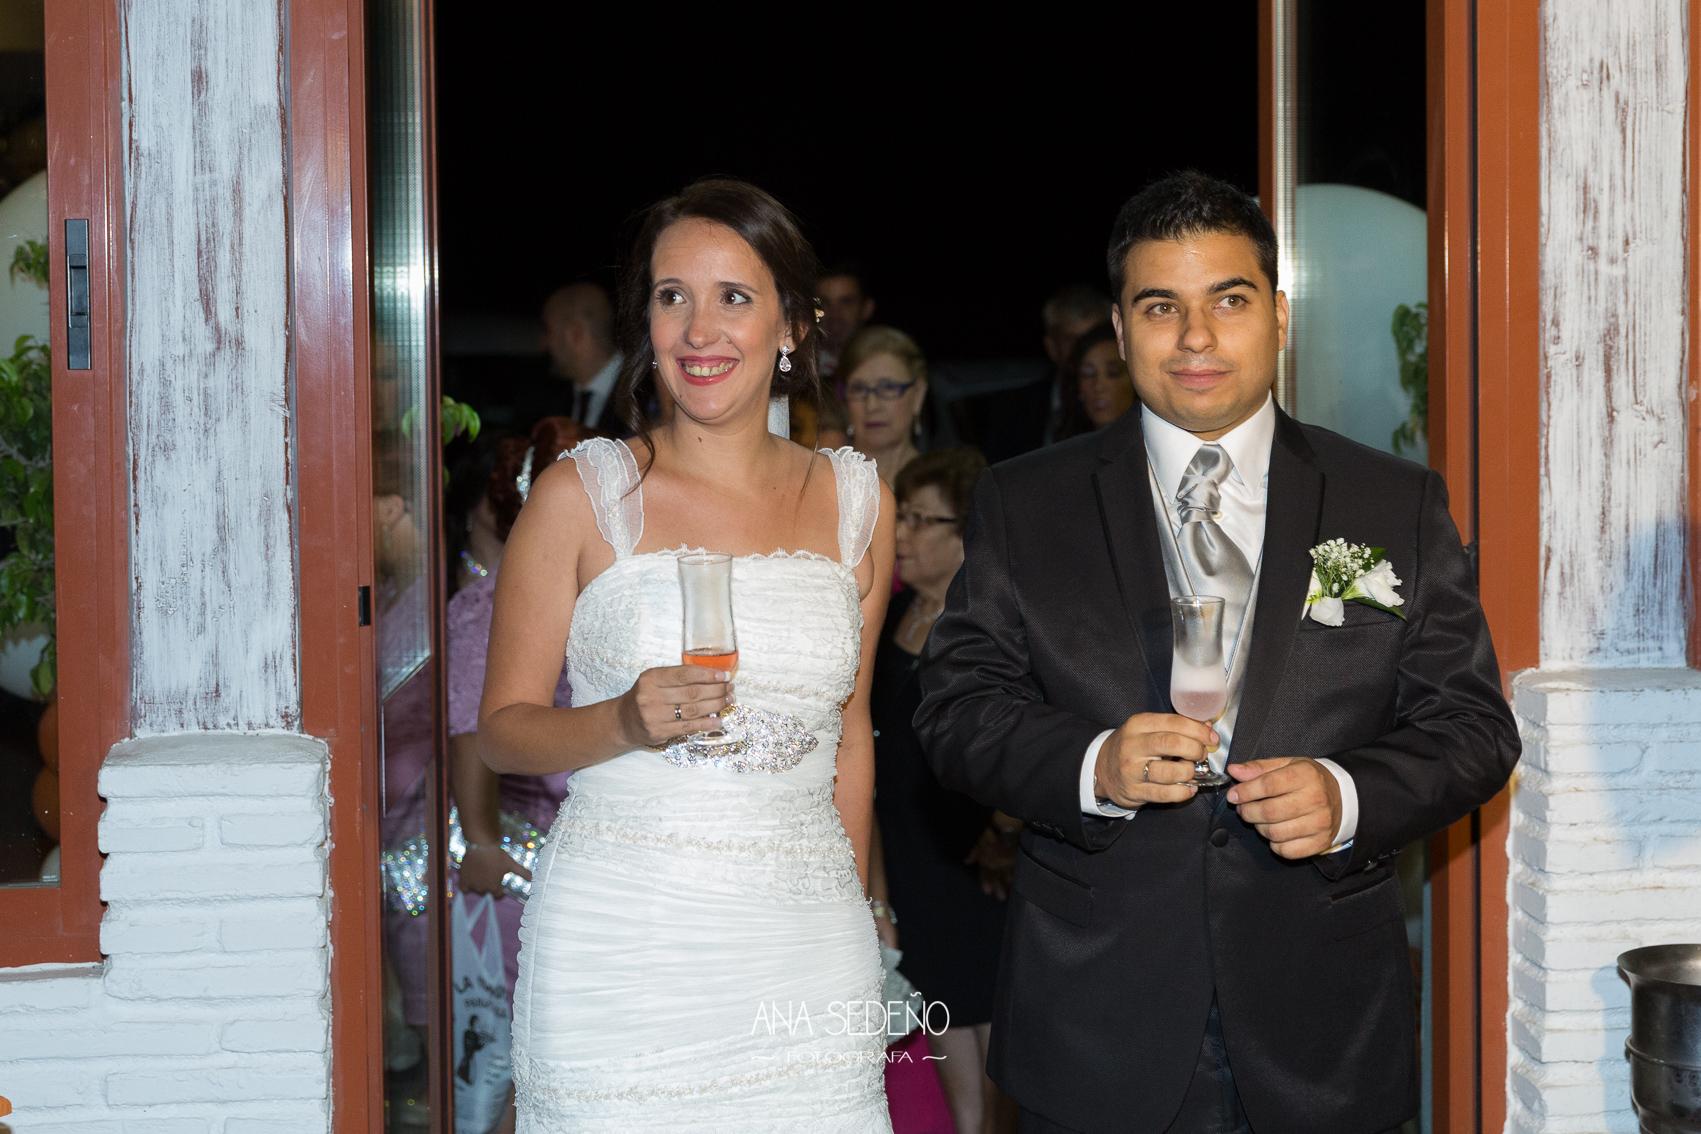 Ana Sedeño Fotografa.-BL & B-1303